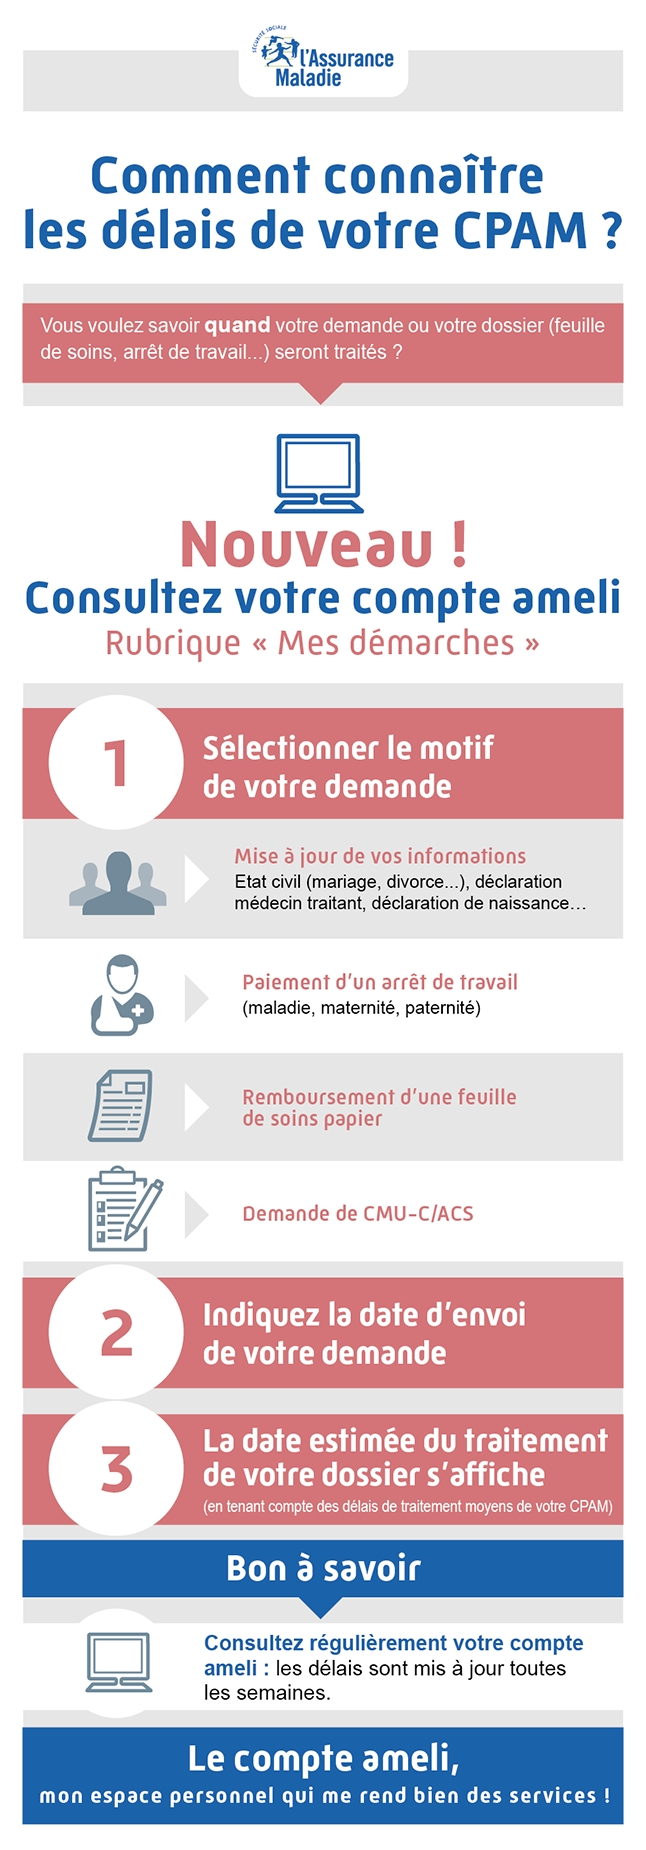 infographie_delais-compte-ameli.png